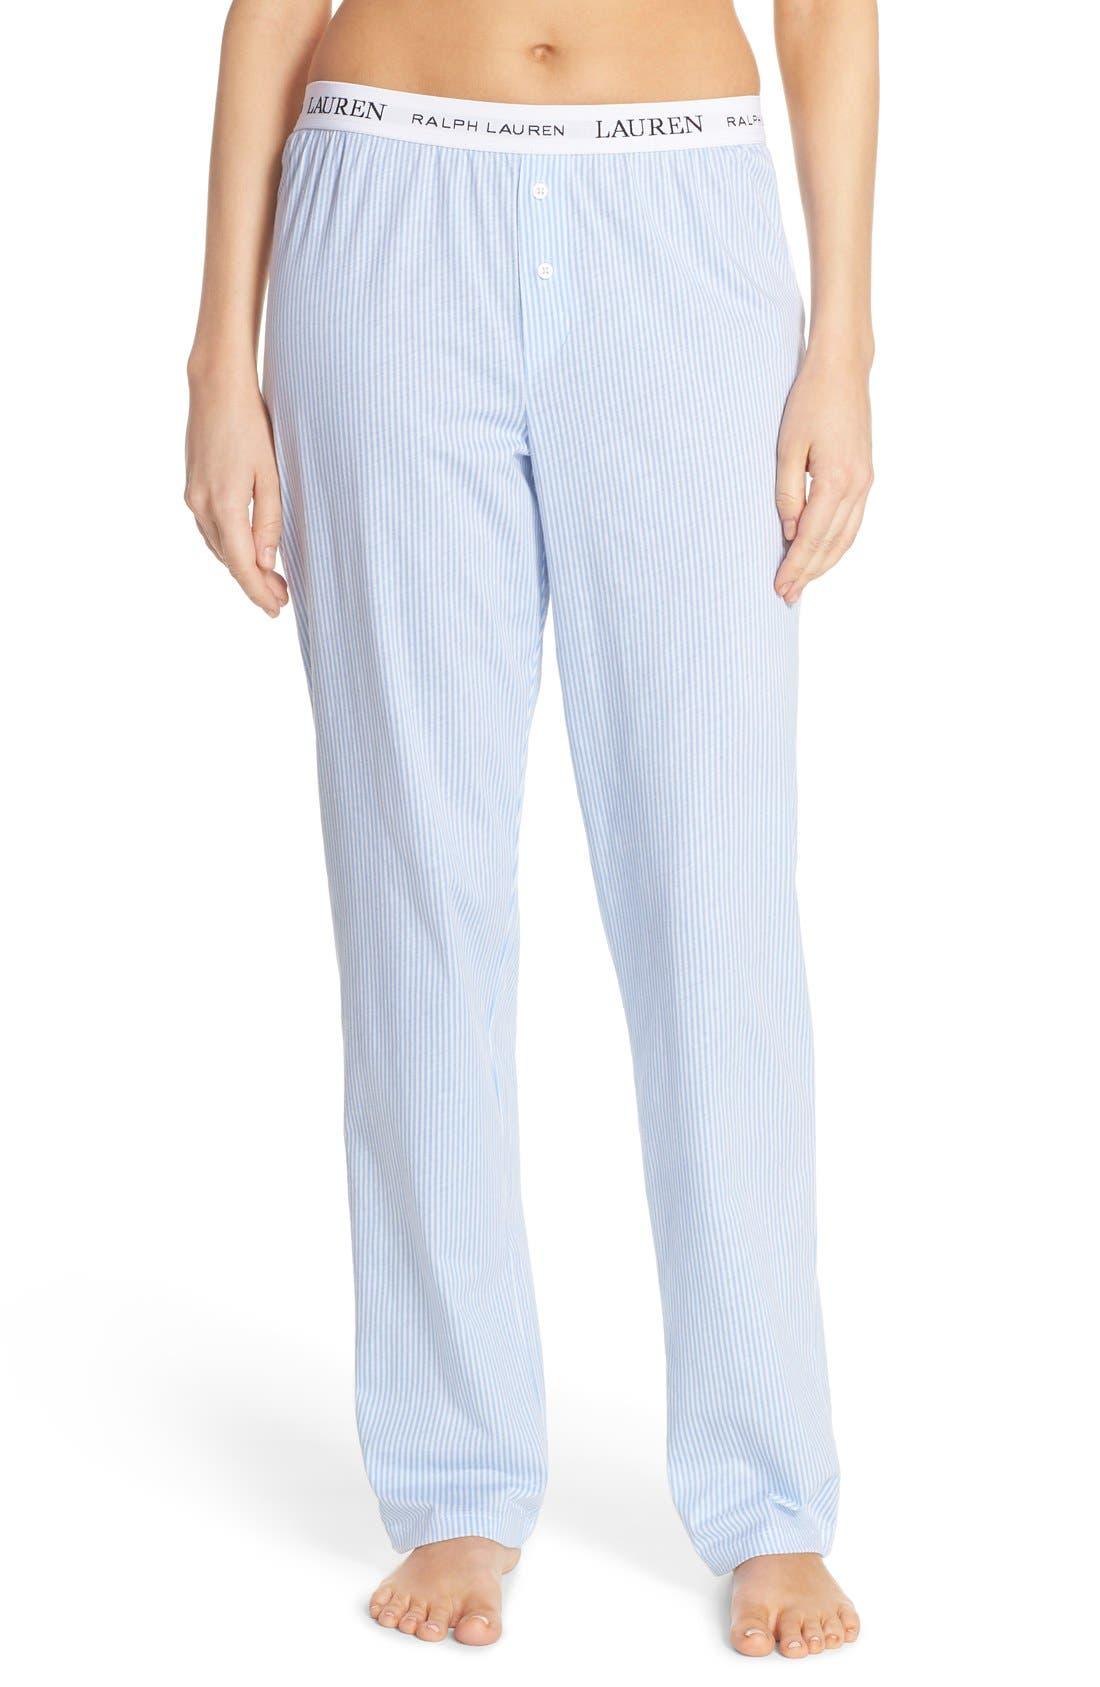 LAUREN RALPH LAUREN Logo Waistband Lounge Pants, Main, color, STRIPE PALE BLUE/ WHITE